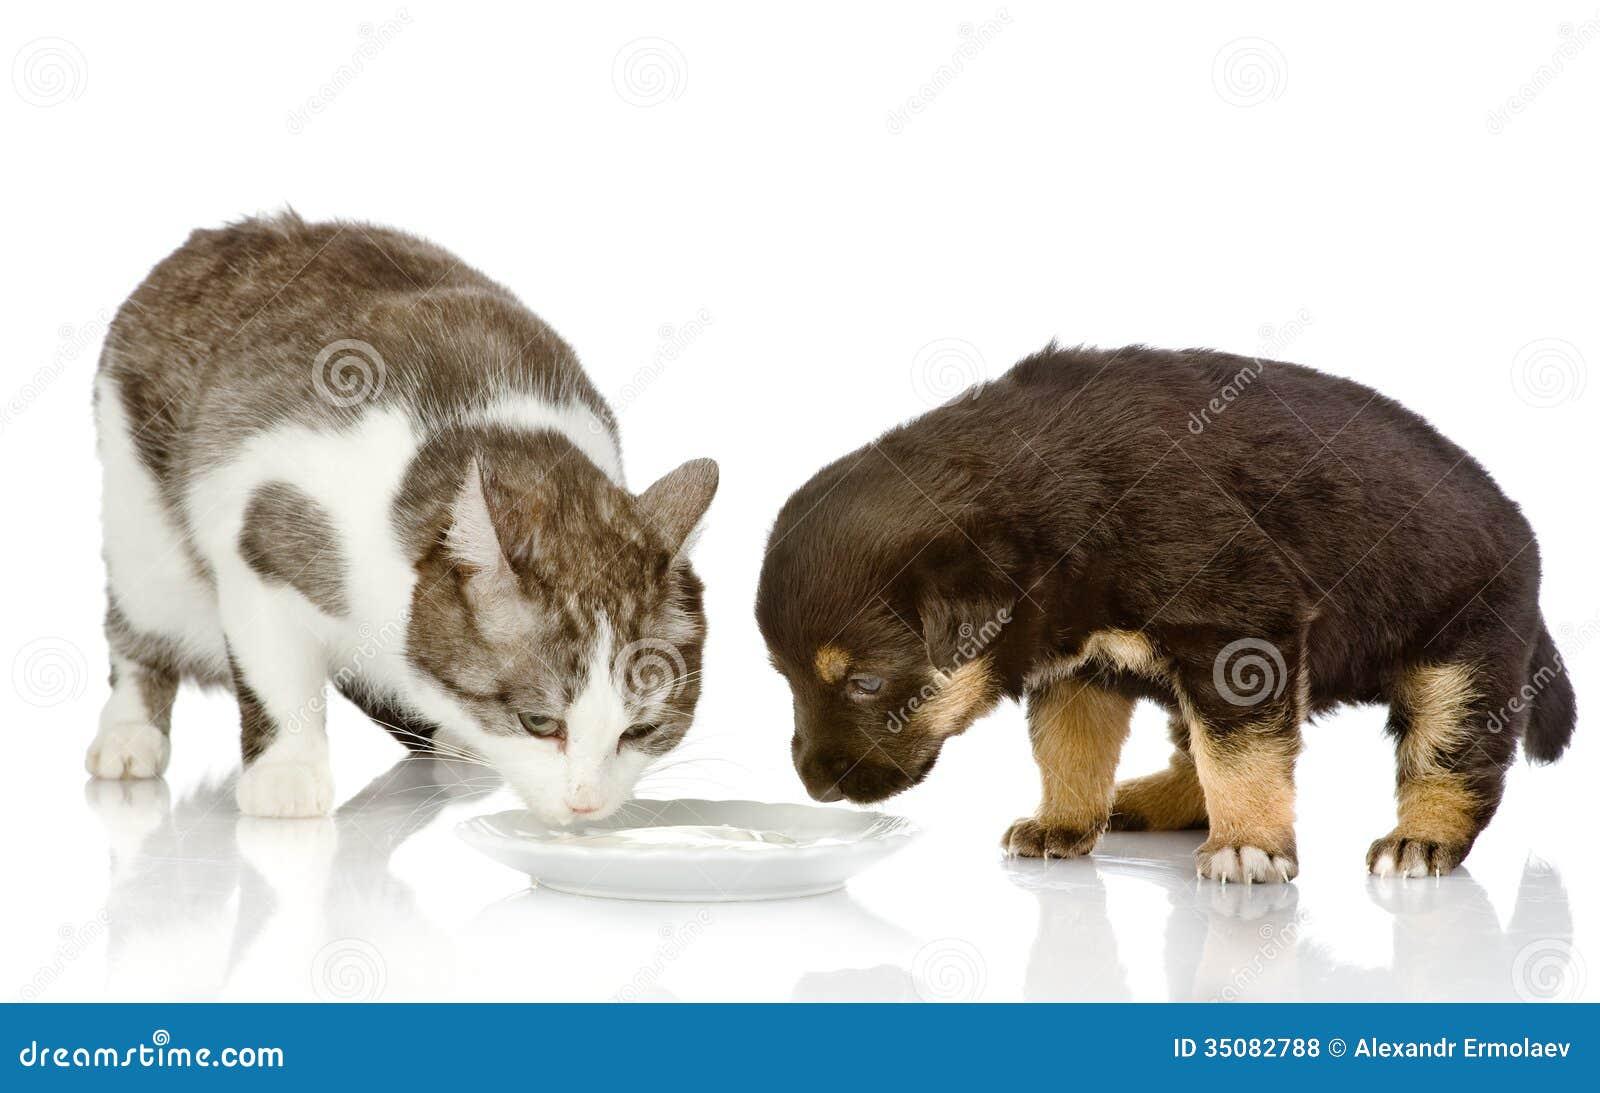 Cat Keeps Eating Dog Food